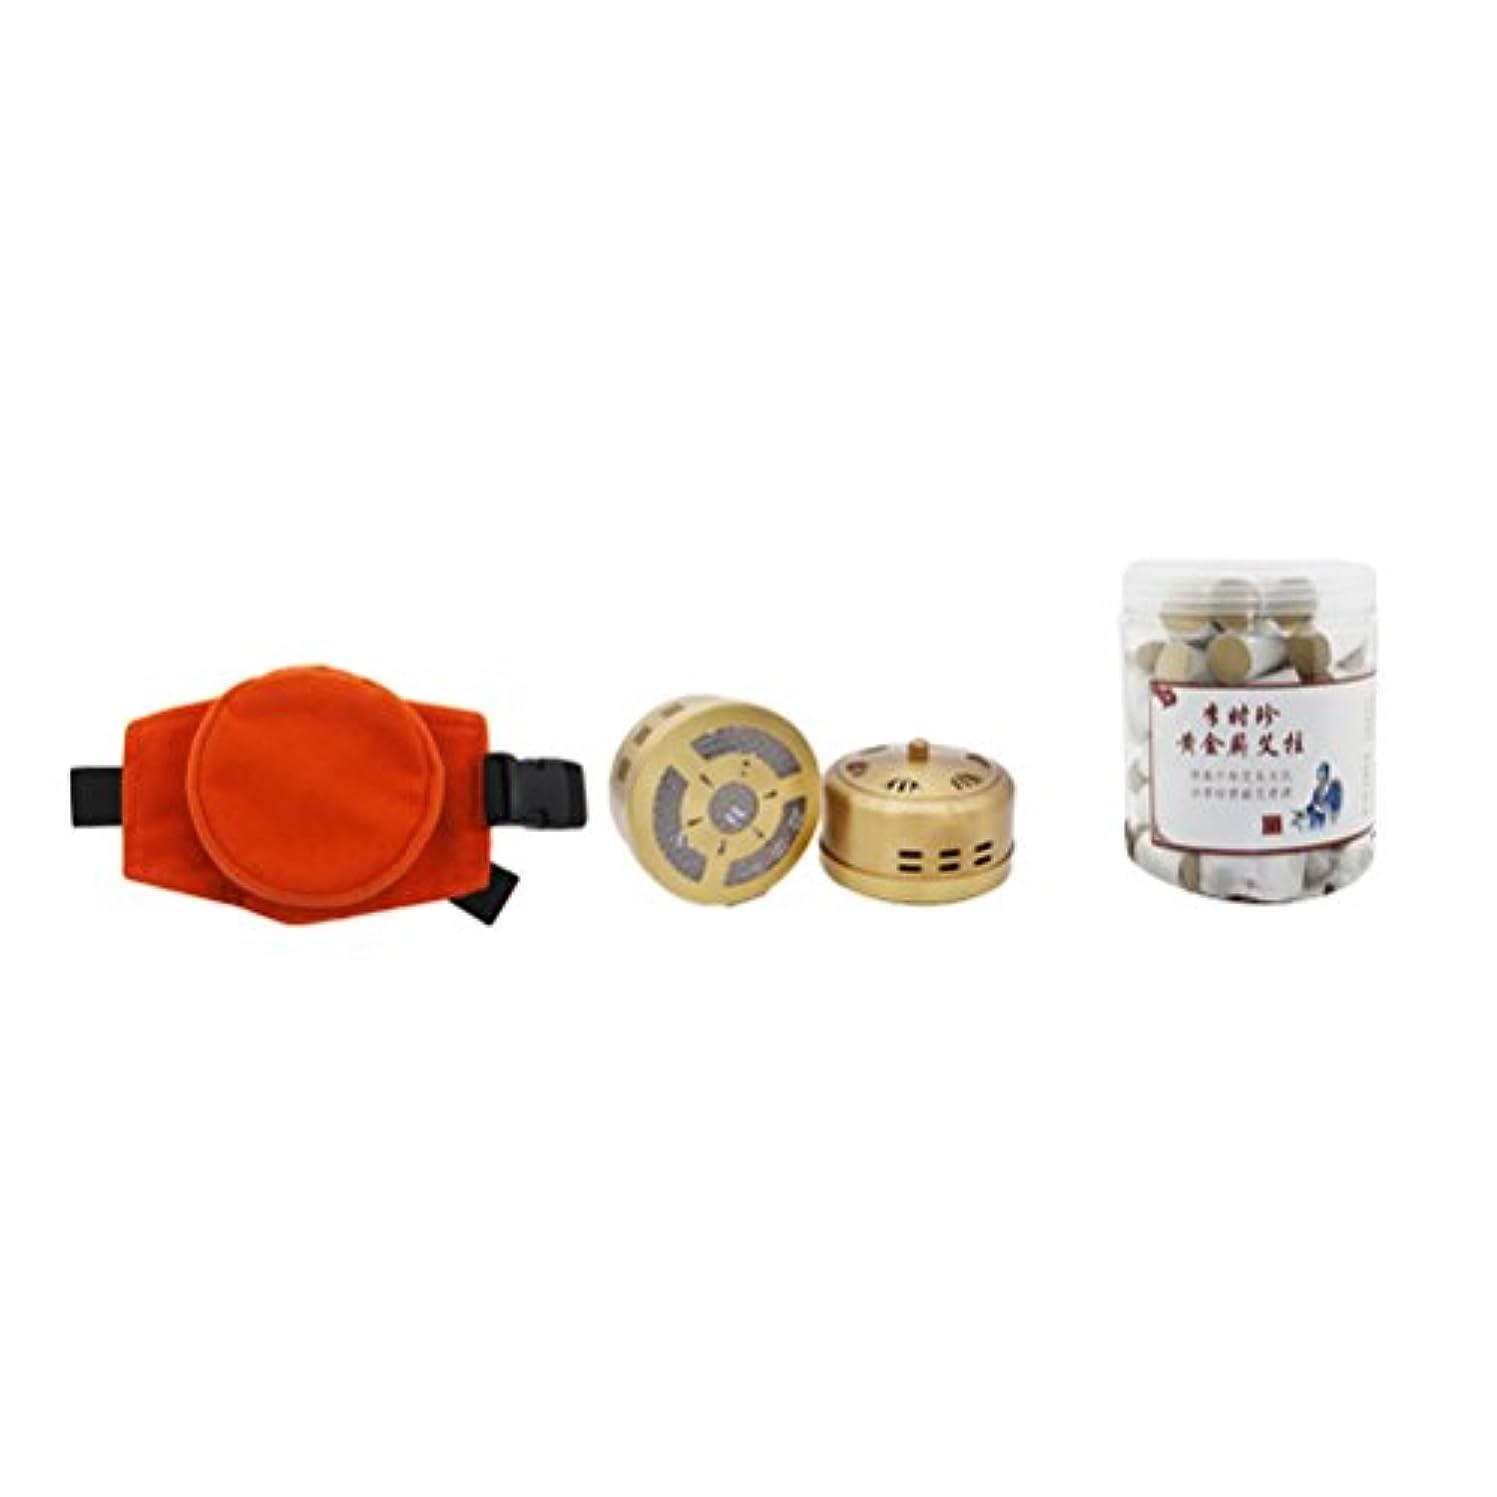 有名硬い内なる灸スティックバーナーボックス無煙Moxa清浄器銅タンク調節可能なポケットと60個の腰部頚部の膝関節炎痛み緩和のための灸棒の灸治療の箱